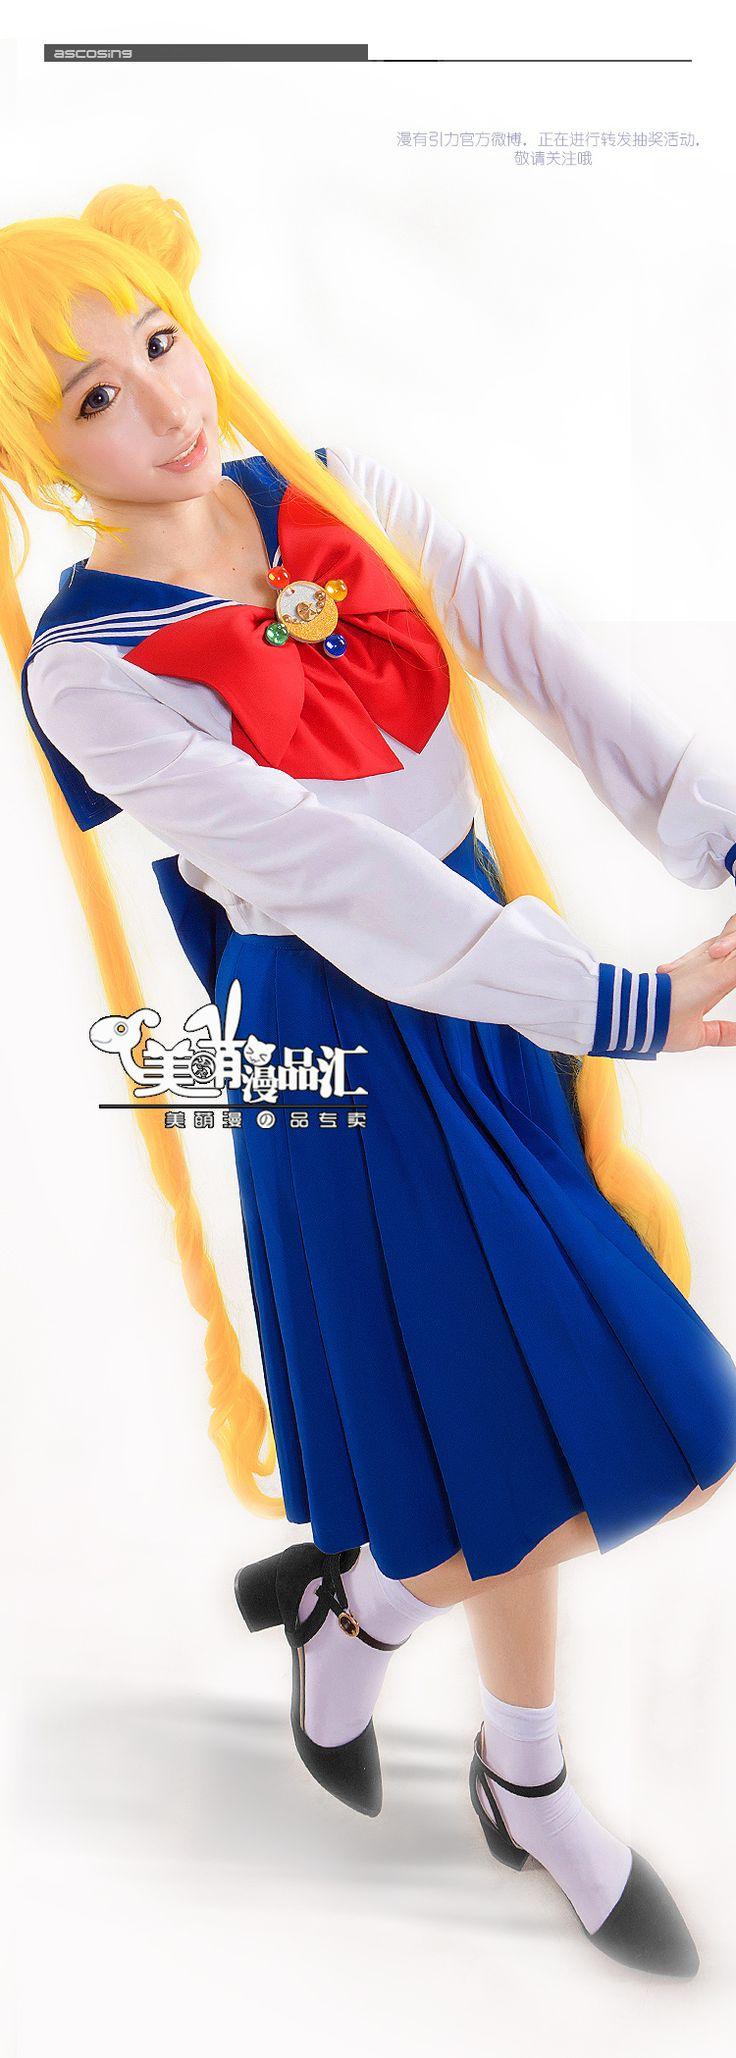 School girl cosplay ideas-1658